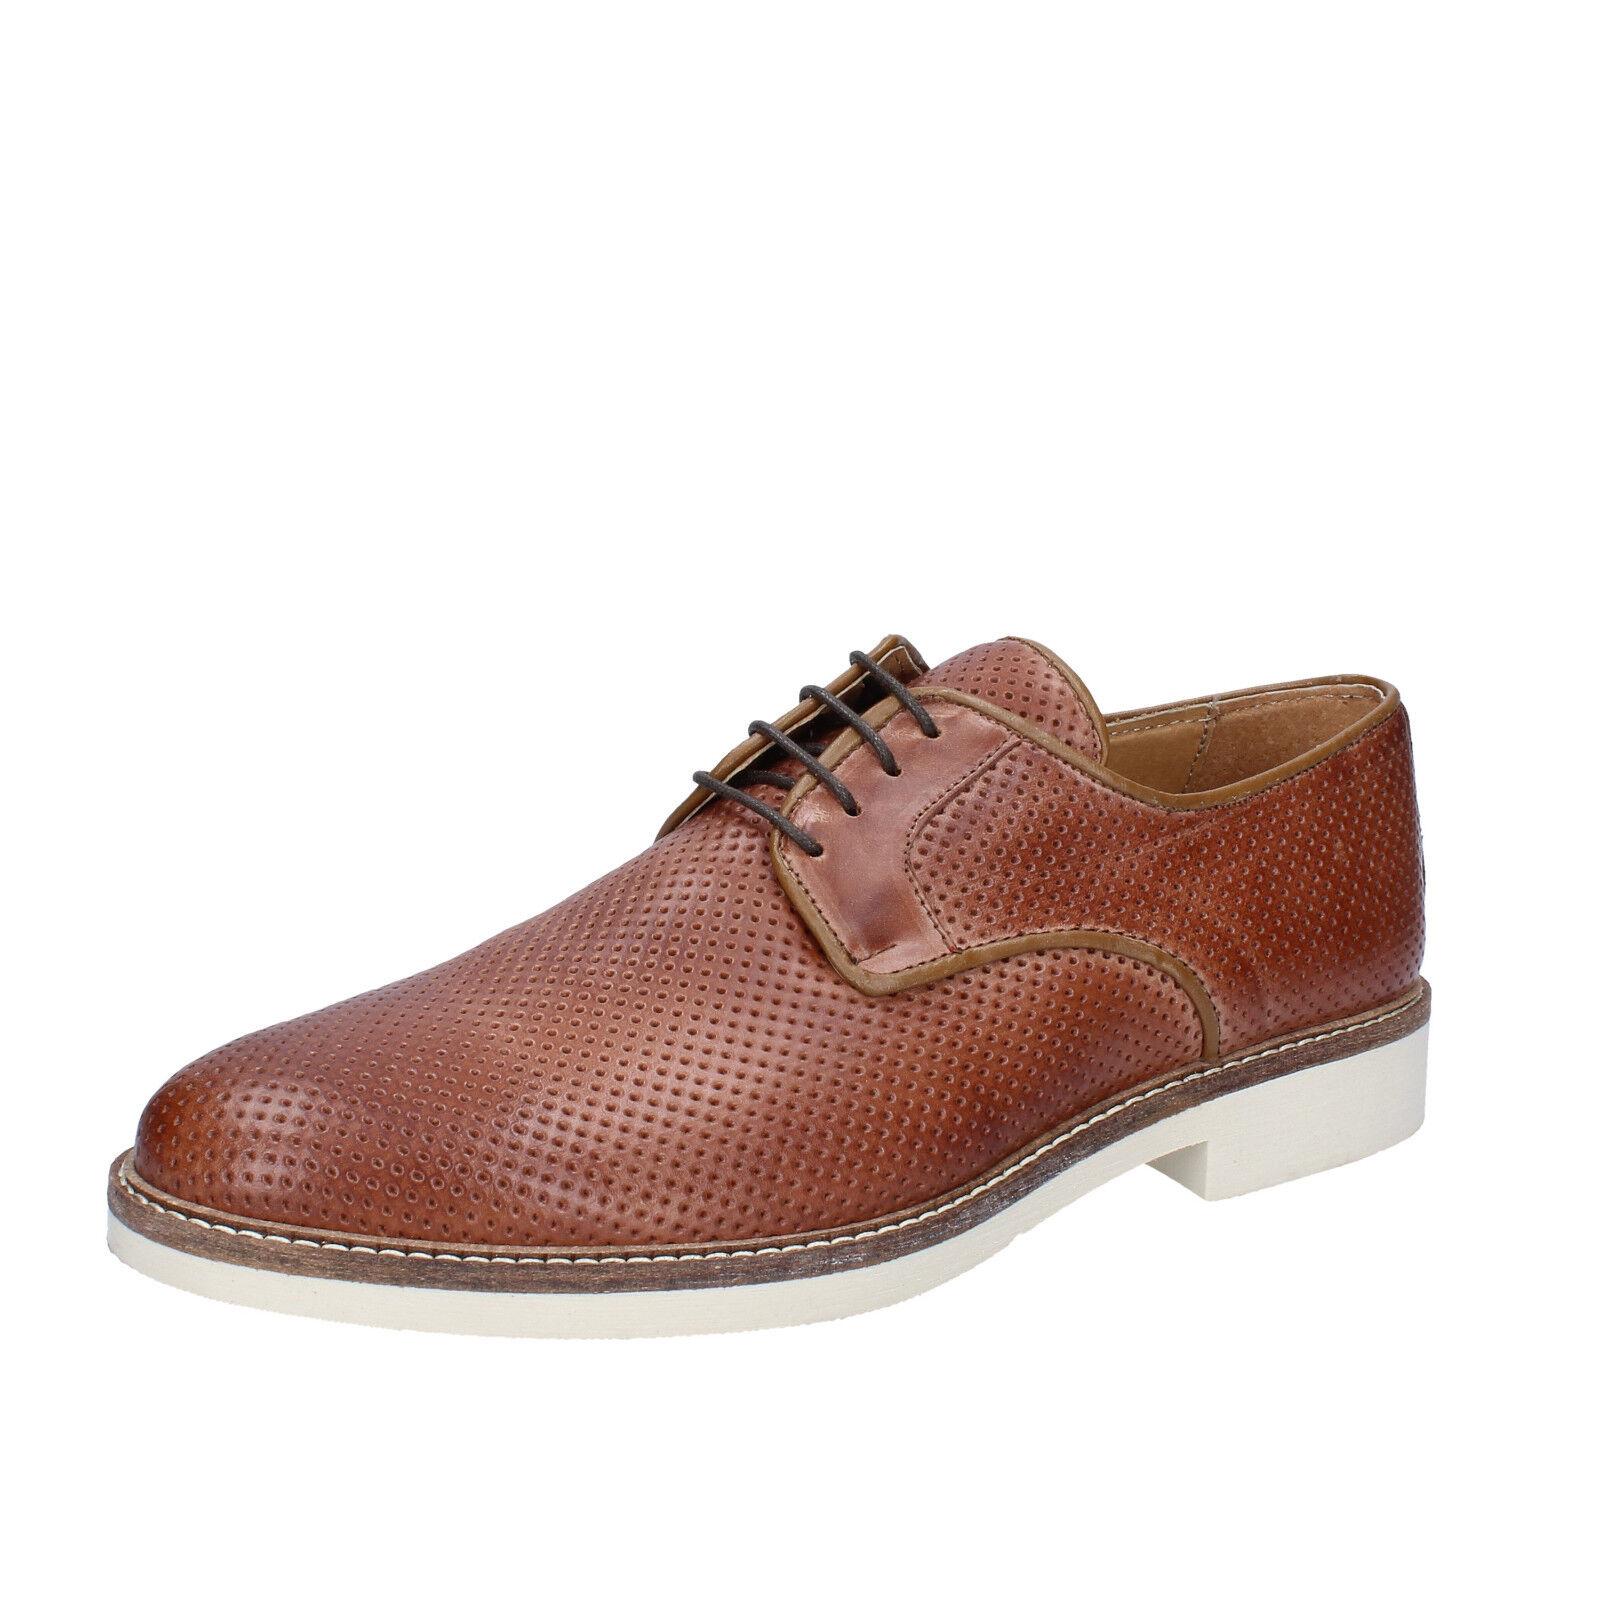 Chaussures Hommes Salvo Ferdi 43 UE élégante marron cuir bz622-b